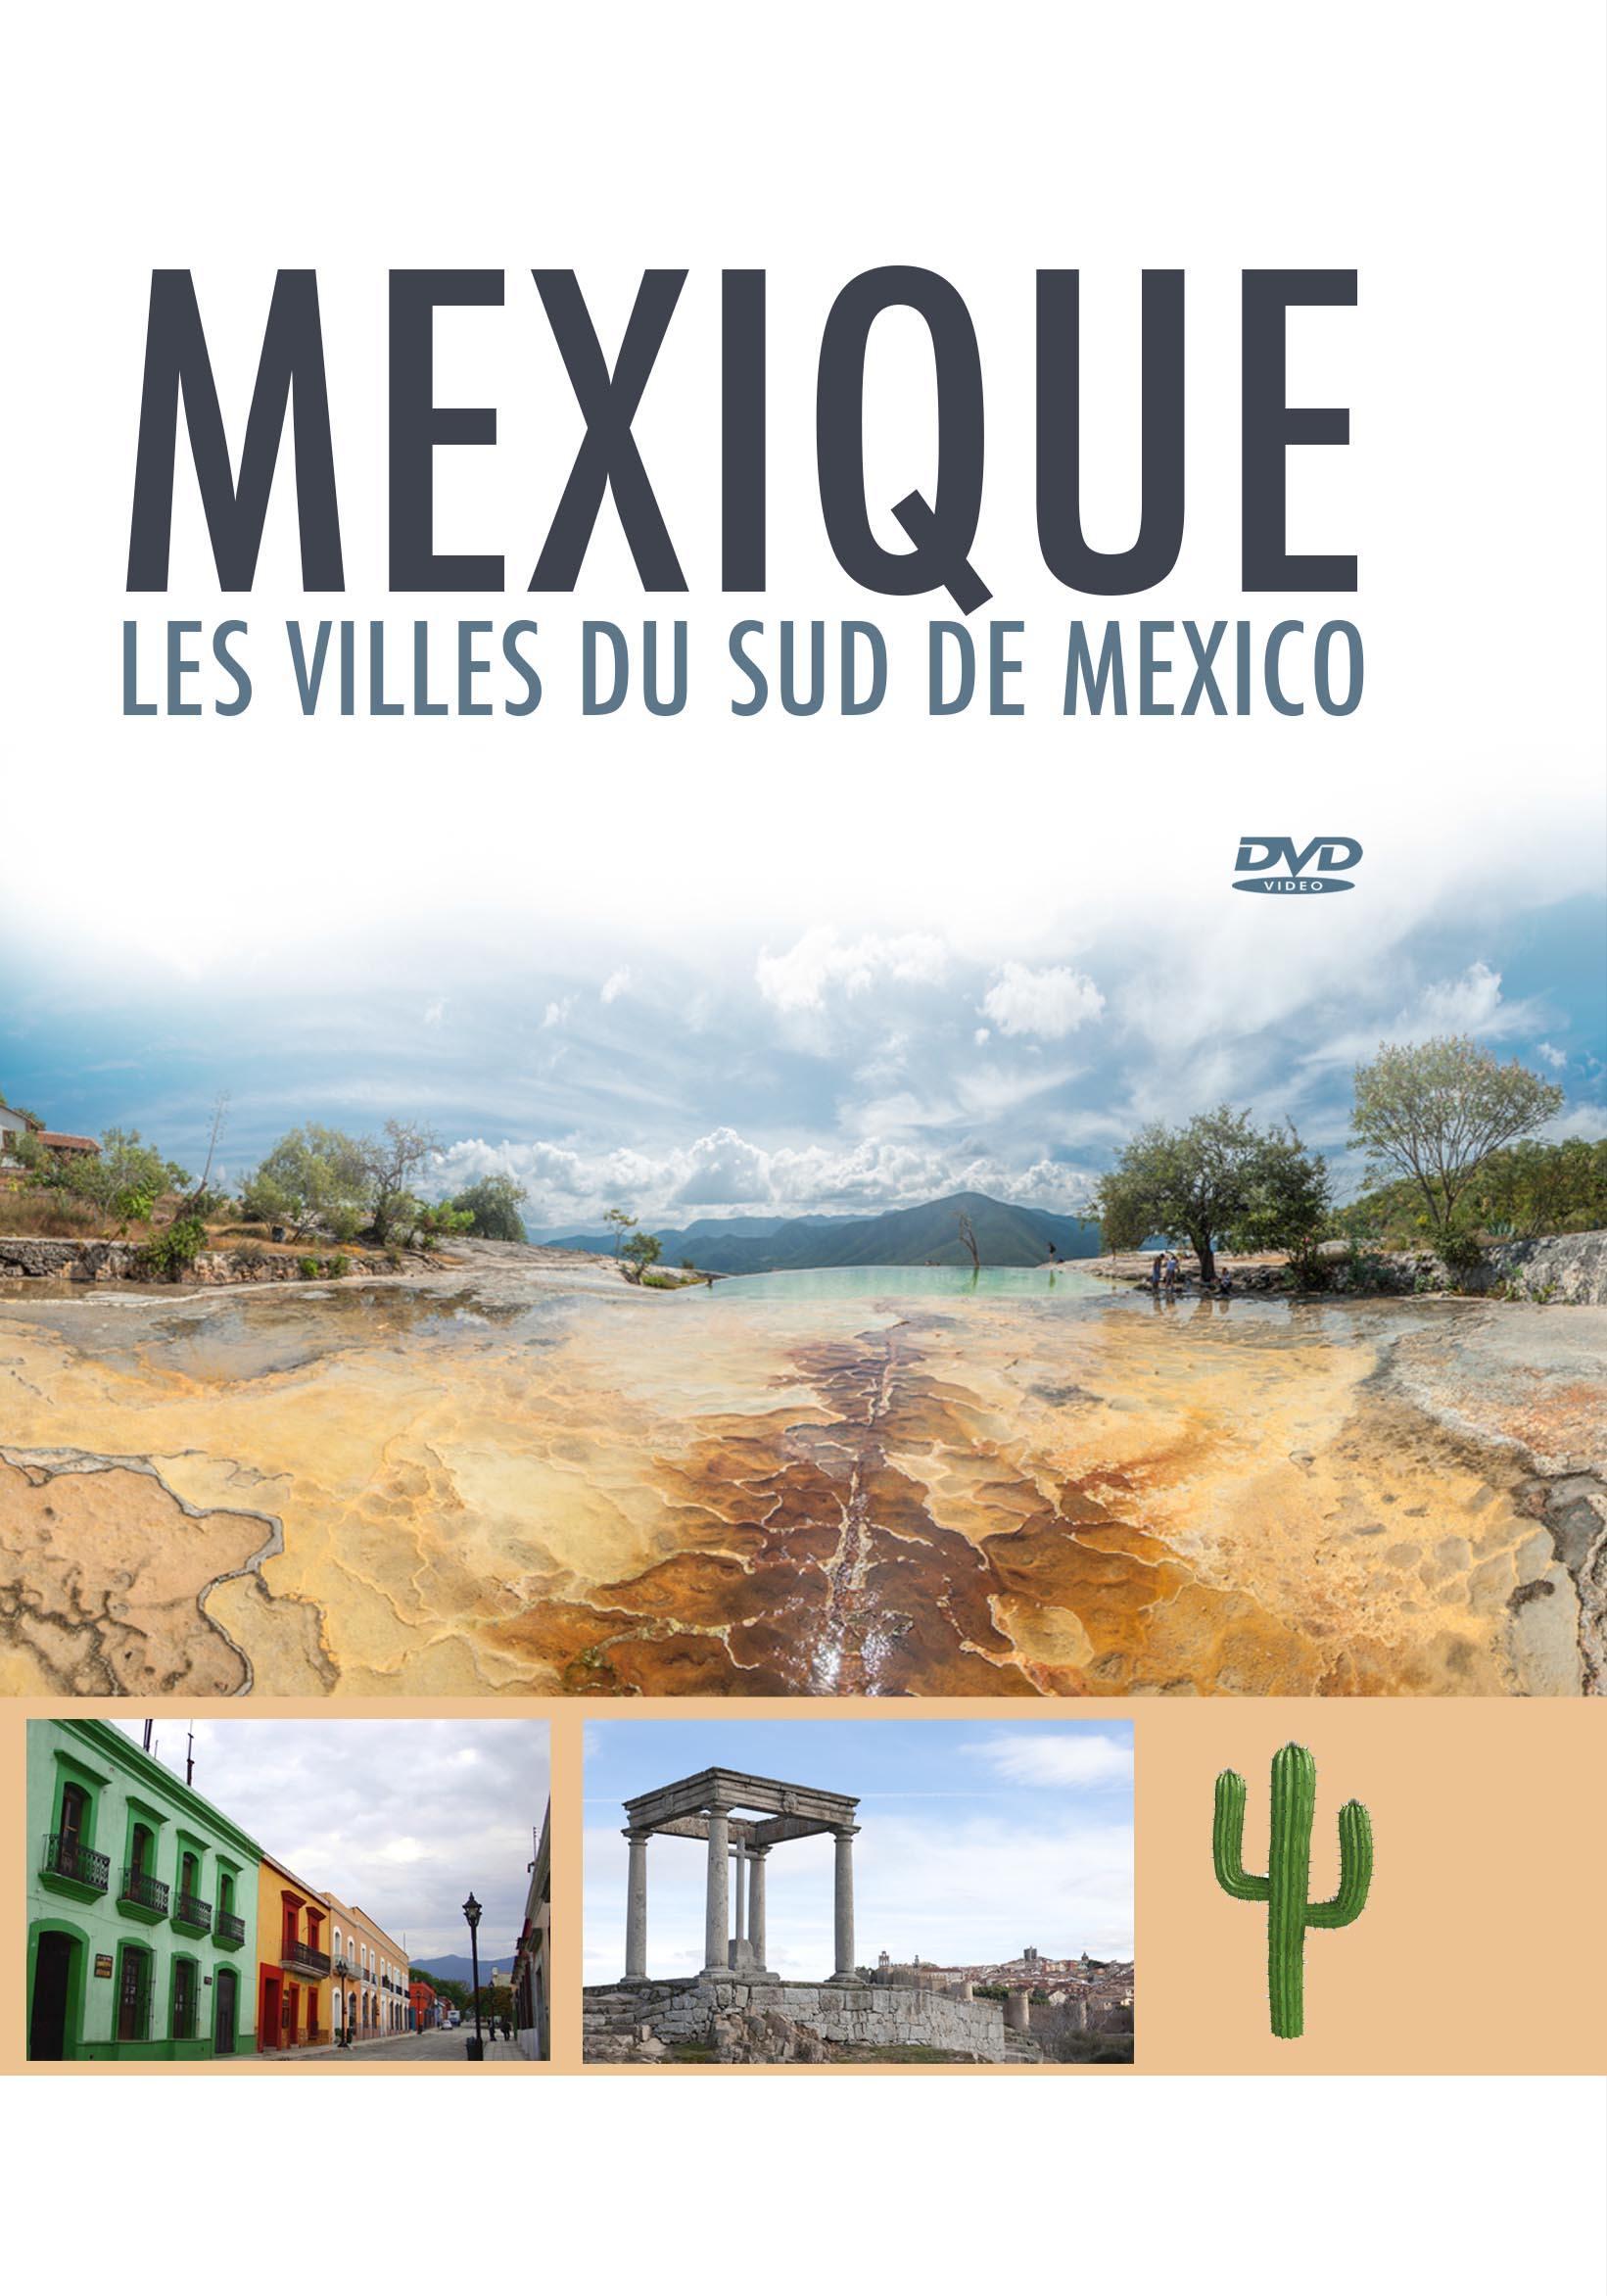 Mexique - les villes du sud de mexico  - dvd